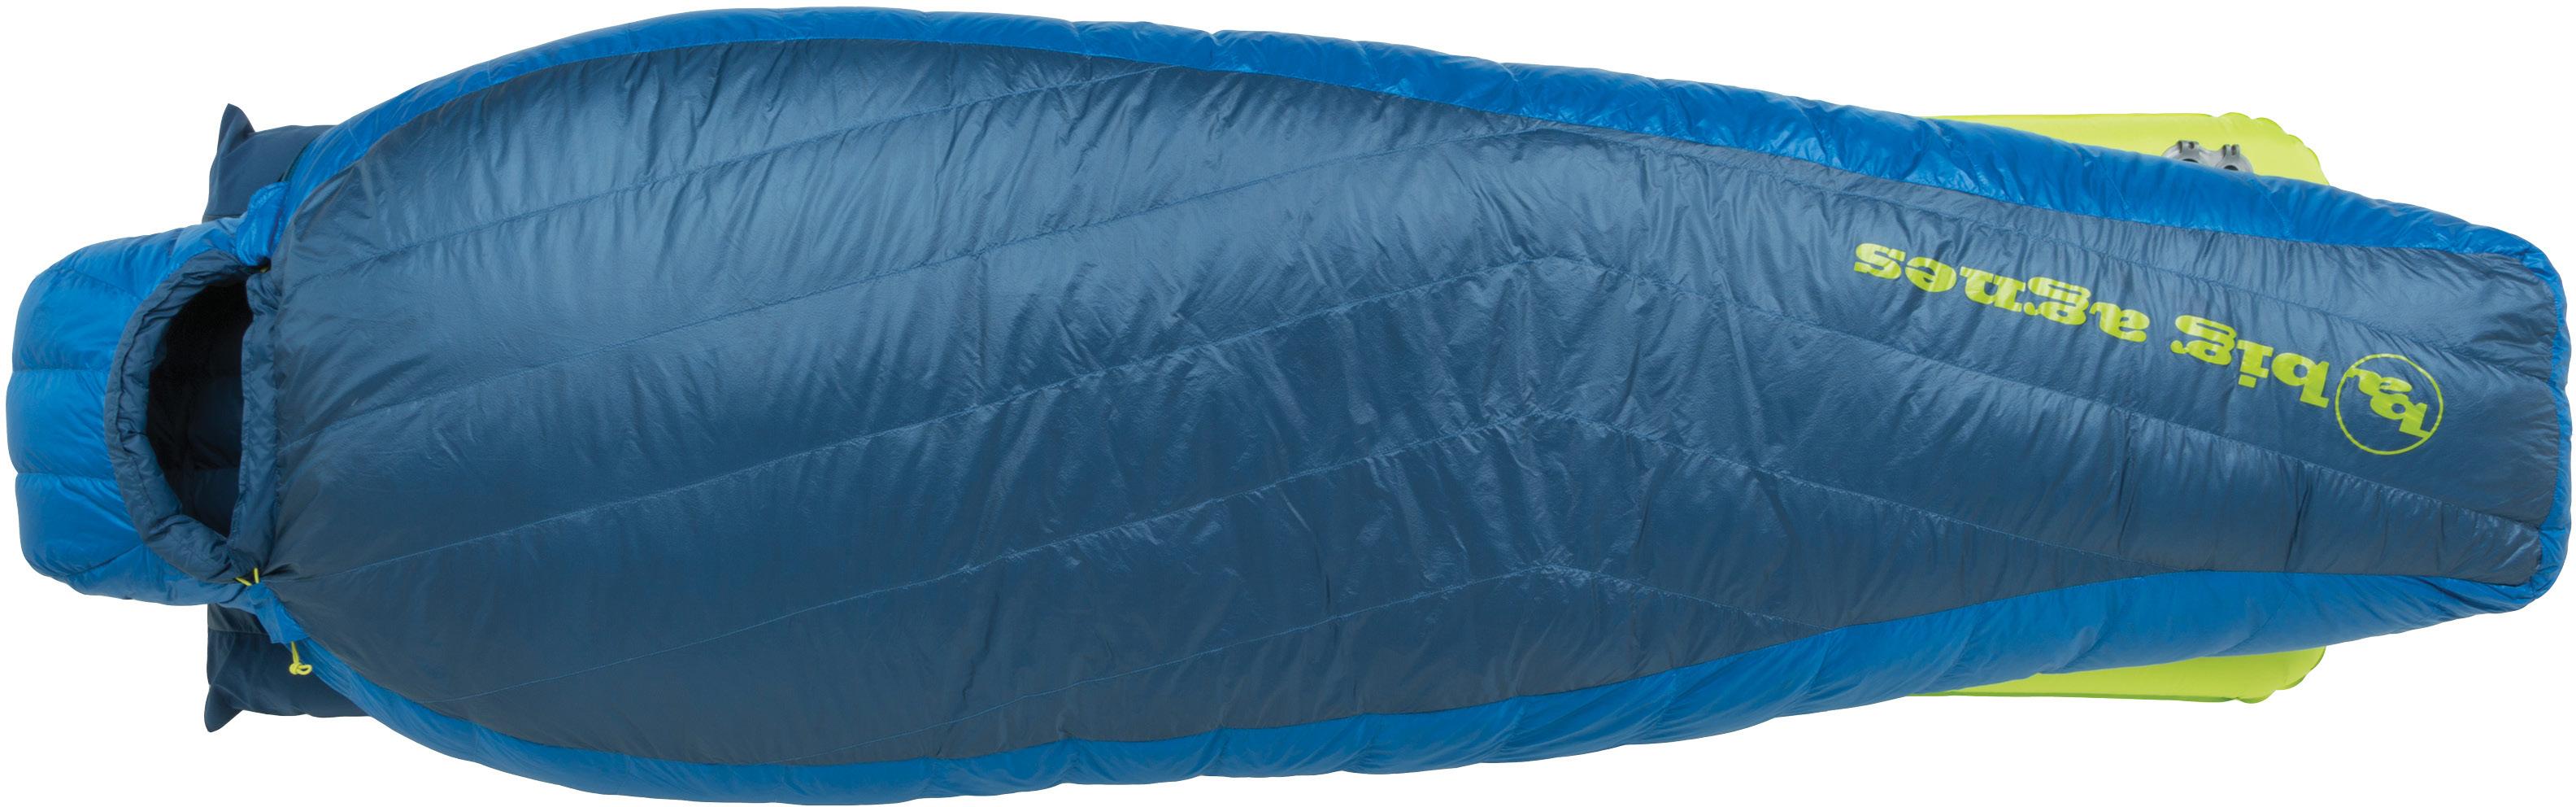 Big Agnes Skeeter SL 20 650 DownTek Mummy Sleeping Bag